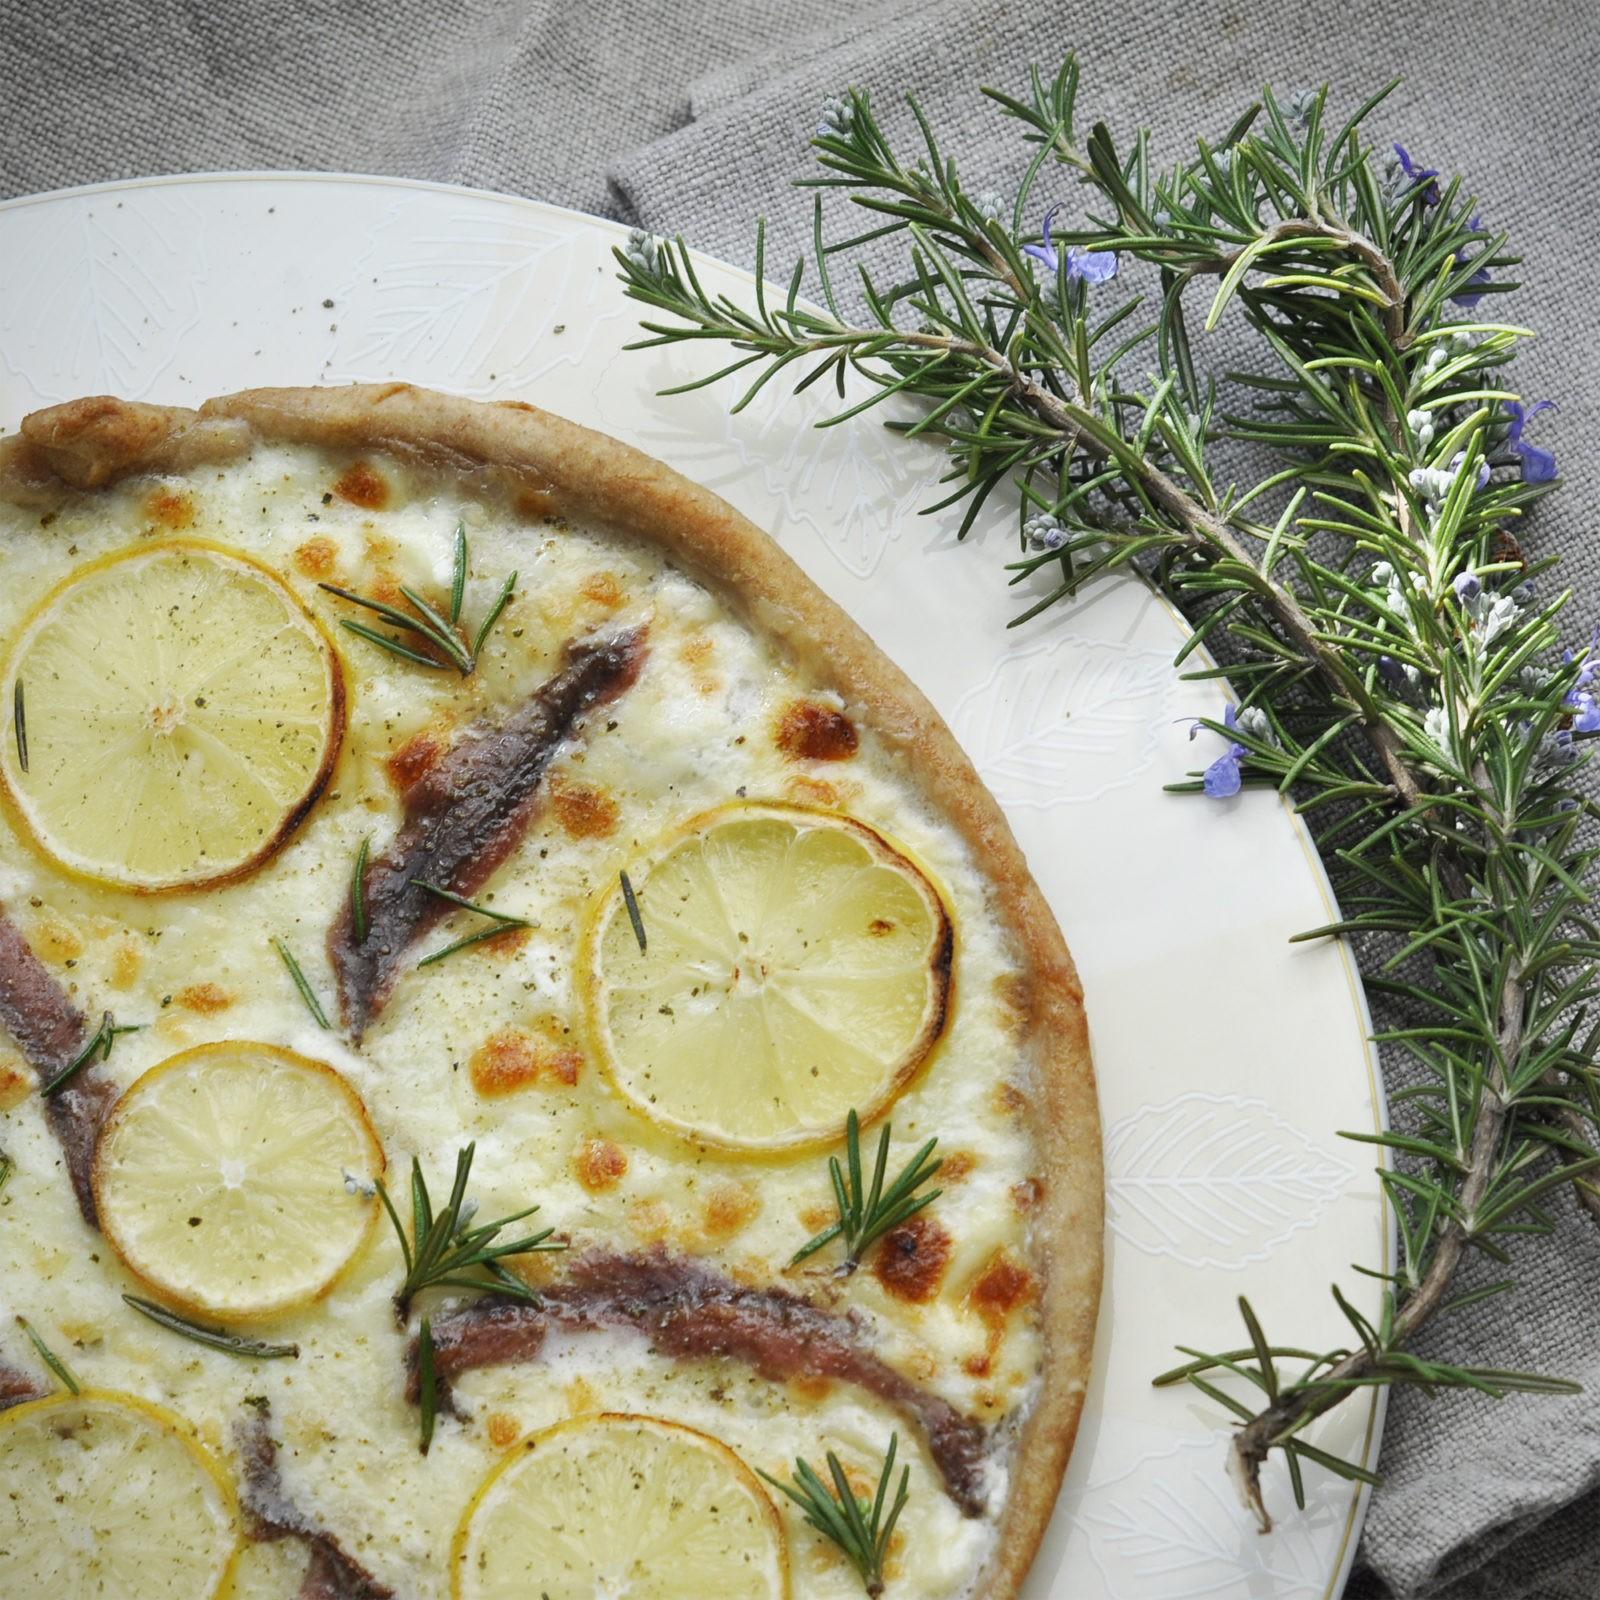 lacaccavella-magfood-mtc-focaccia-mozzarella-acciughe-limone-2